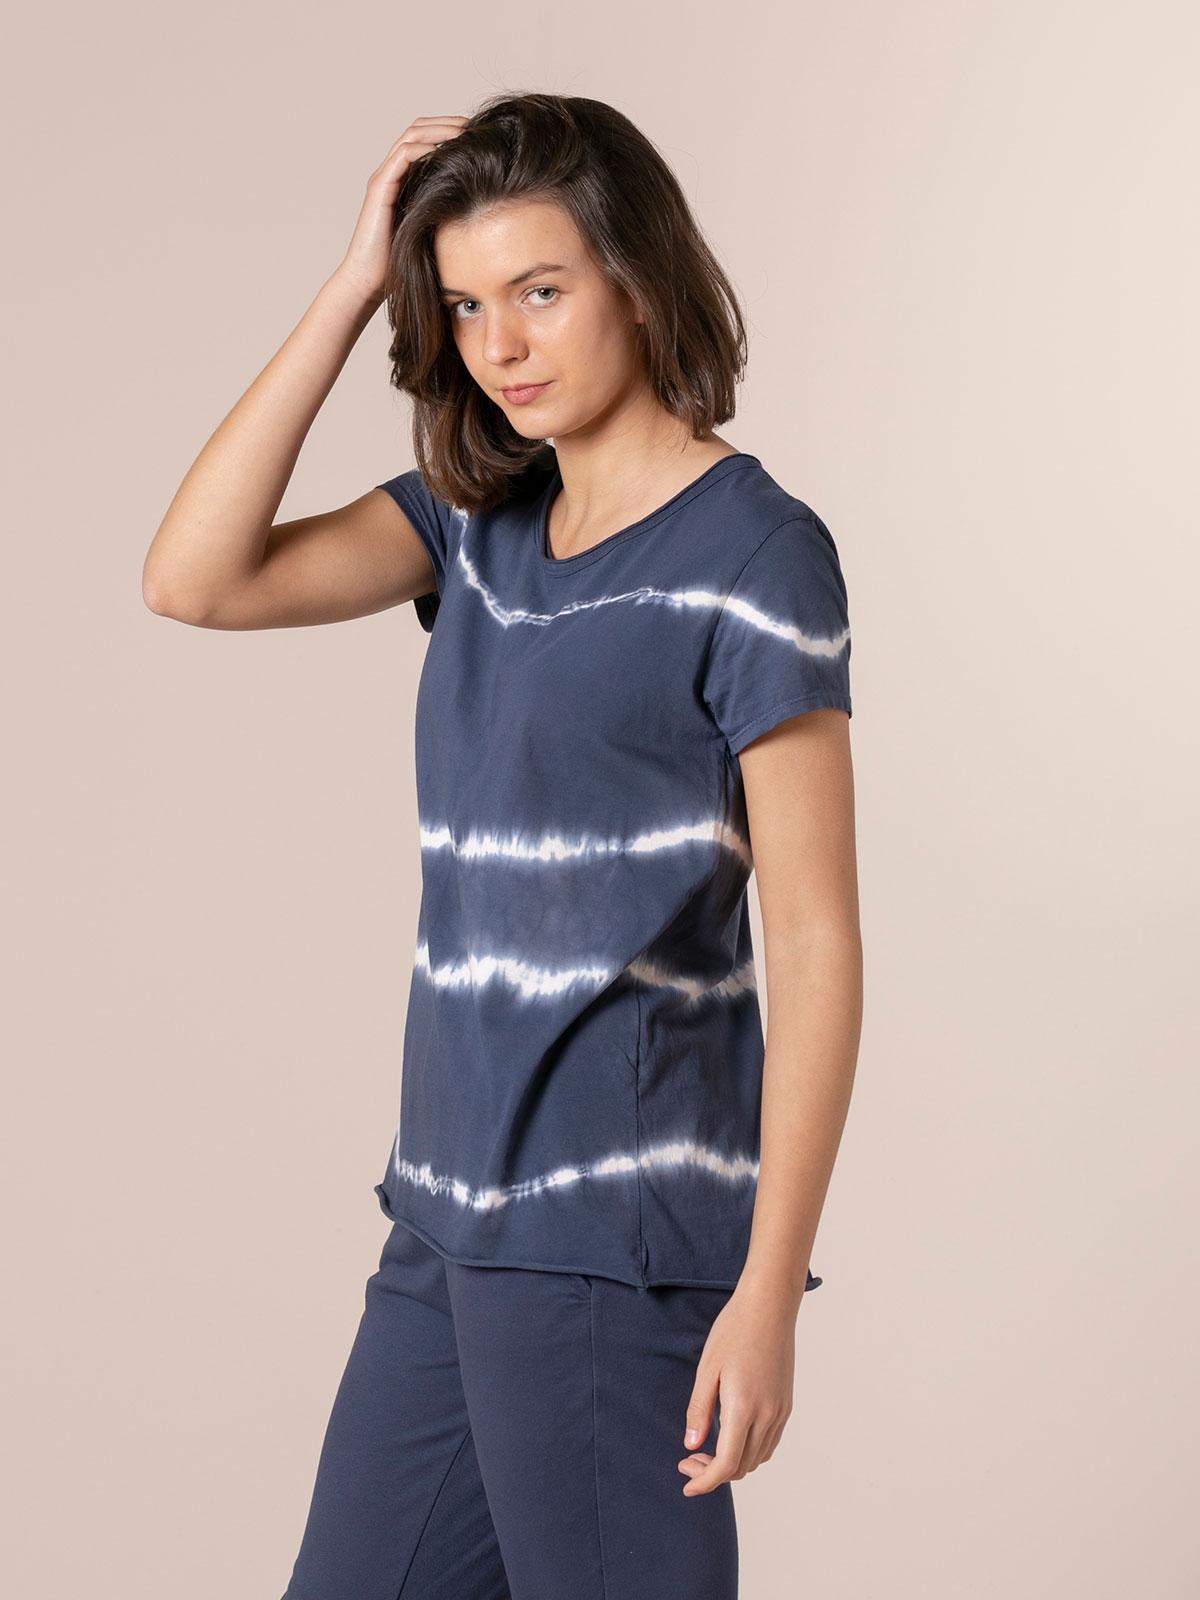 Camiseta mujer tie & dye manga corta Azul Marino